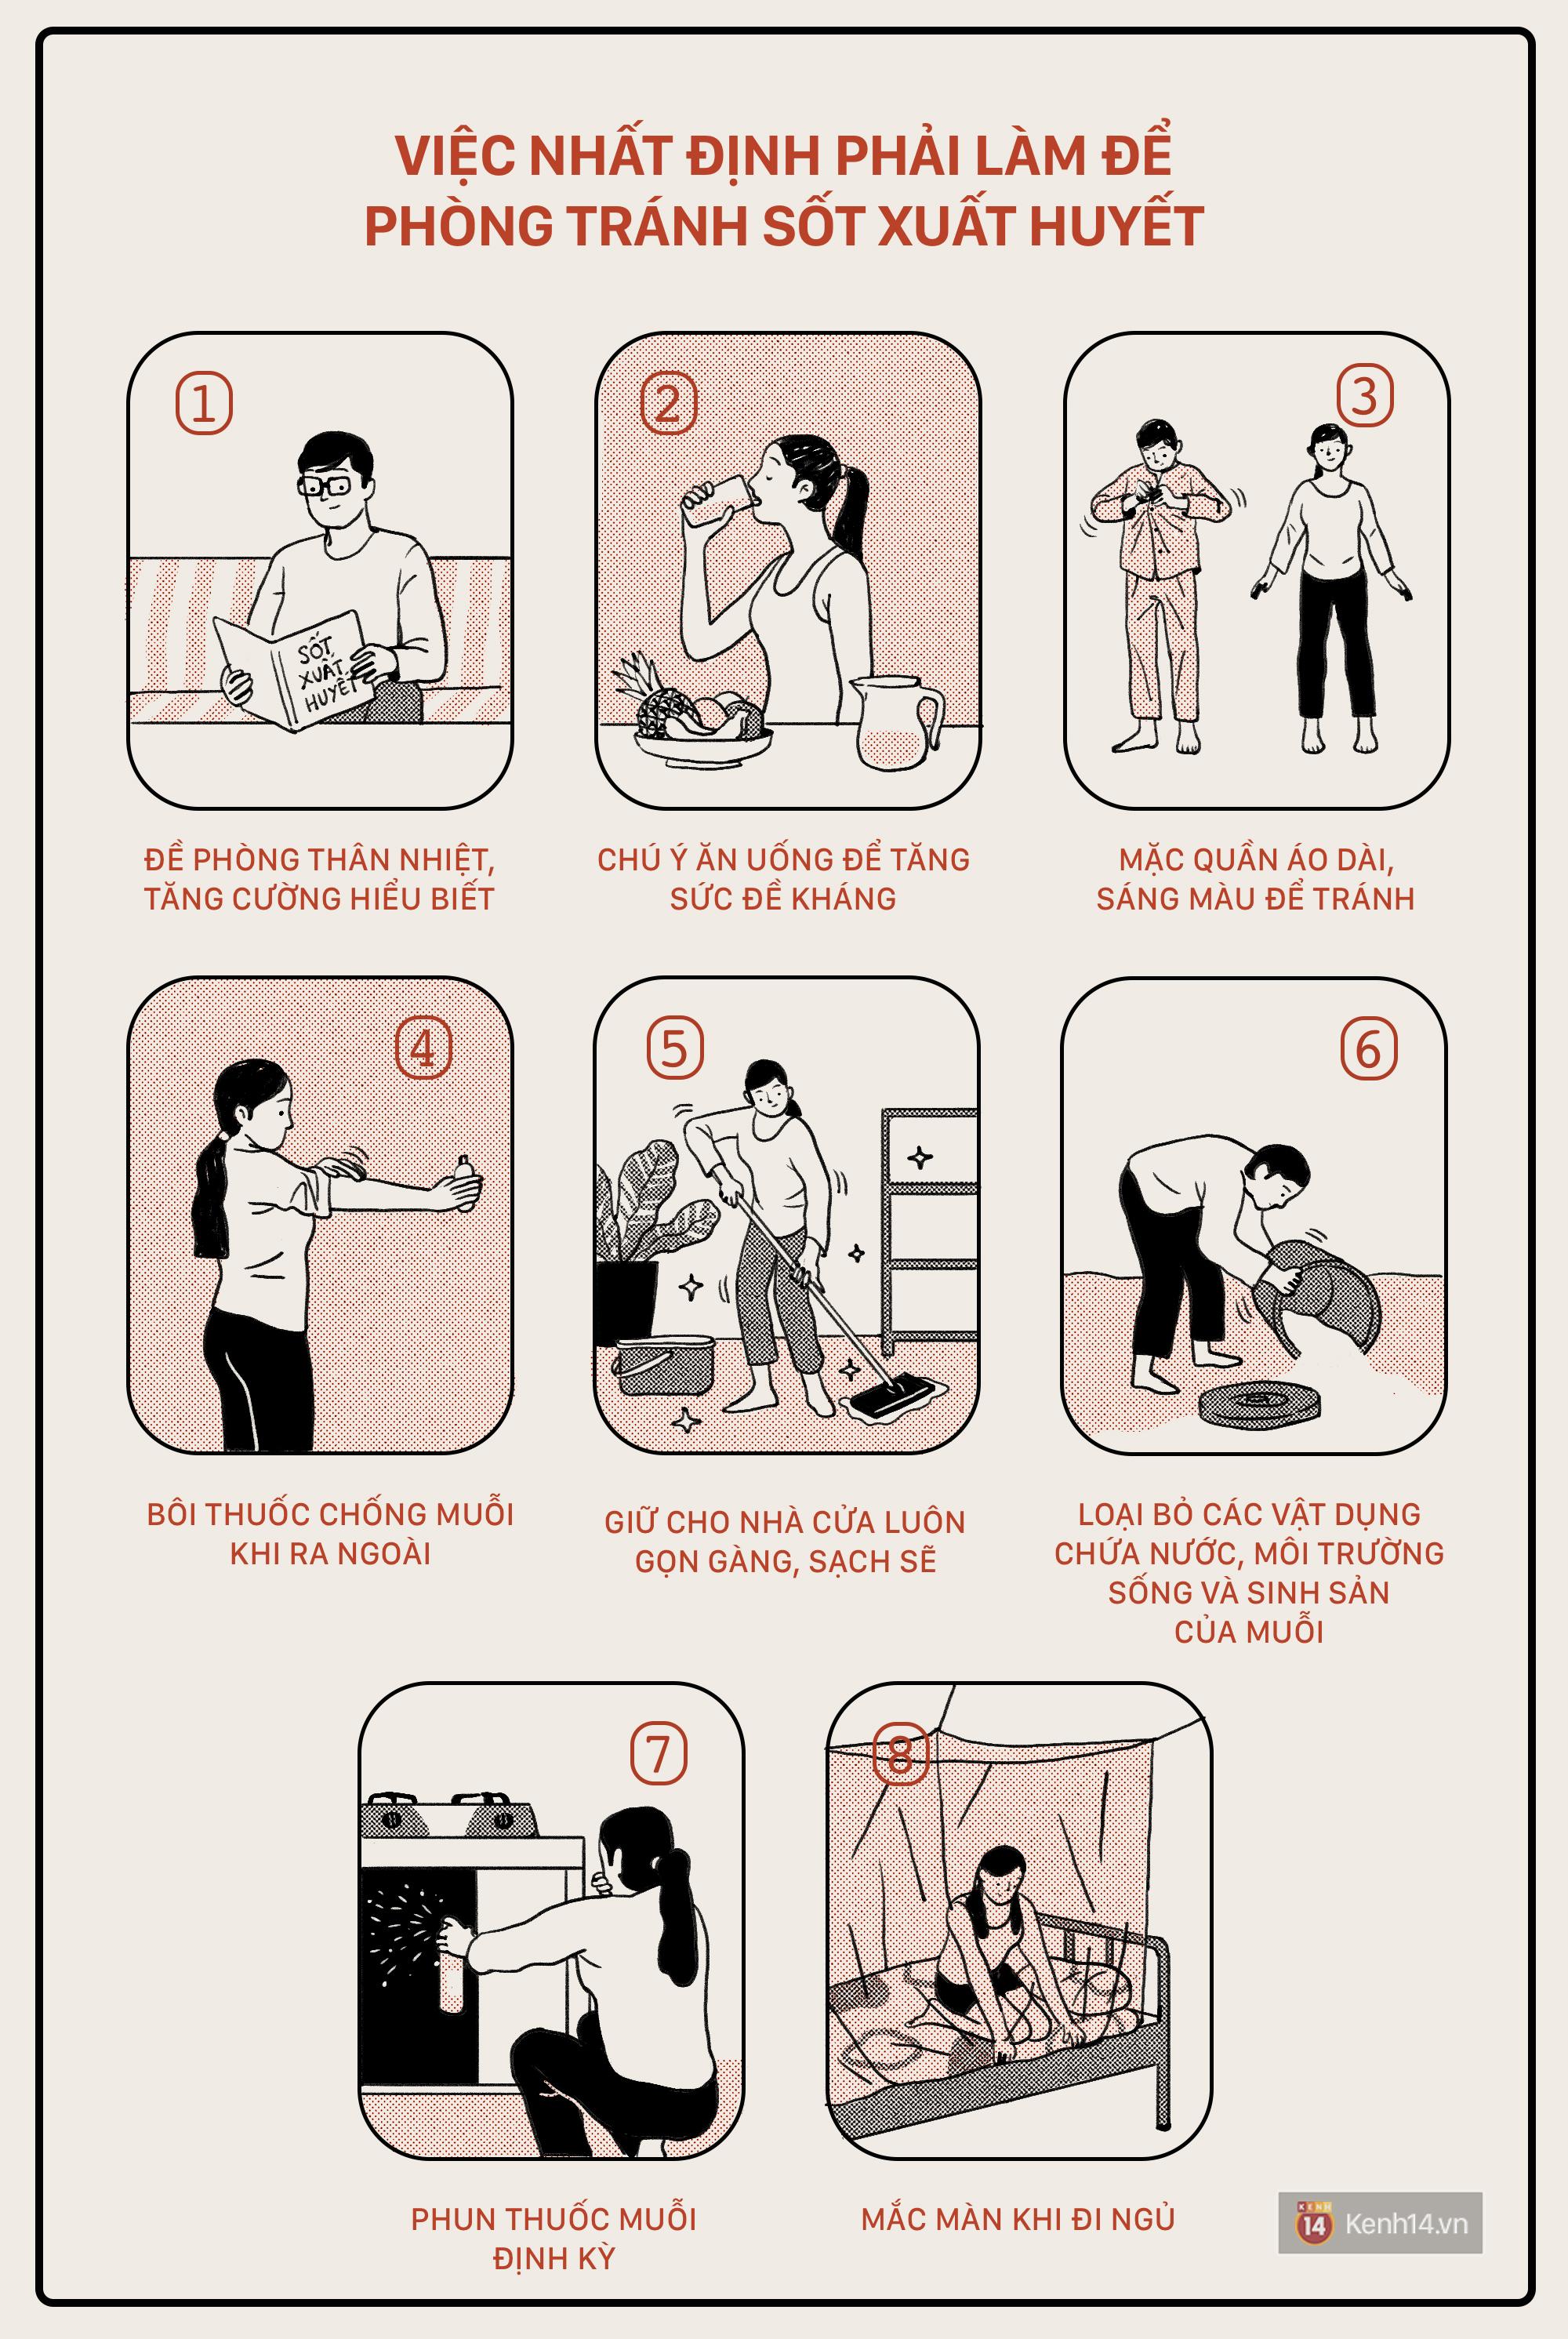 phòng tránh sốt xuất huyết